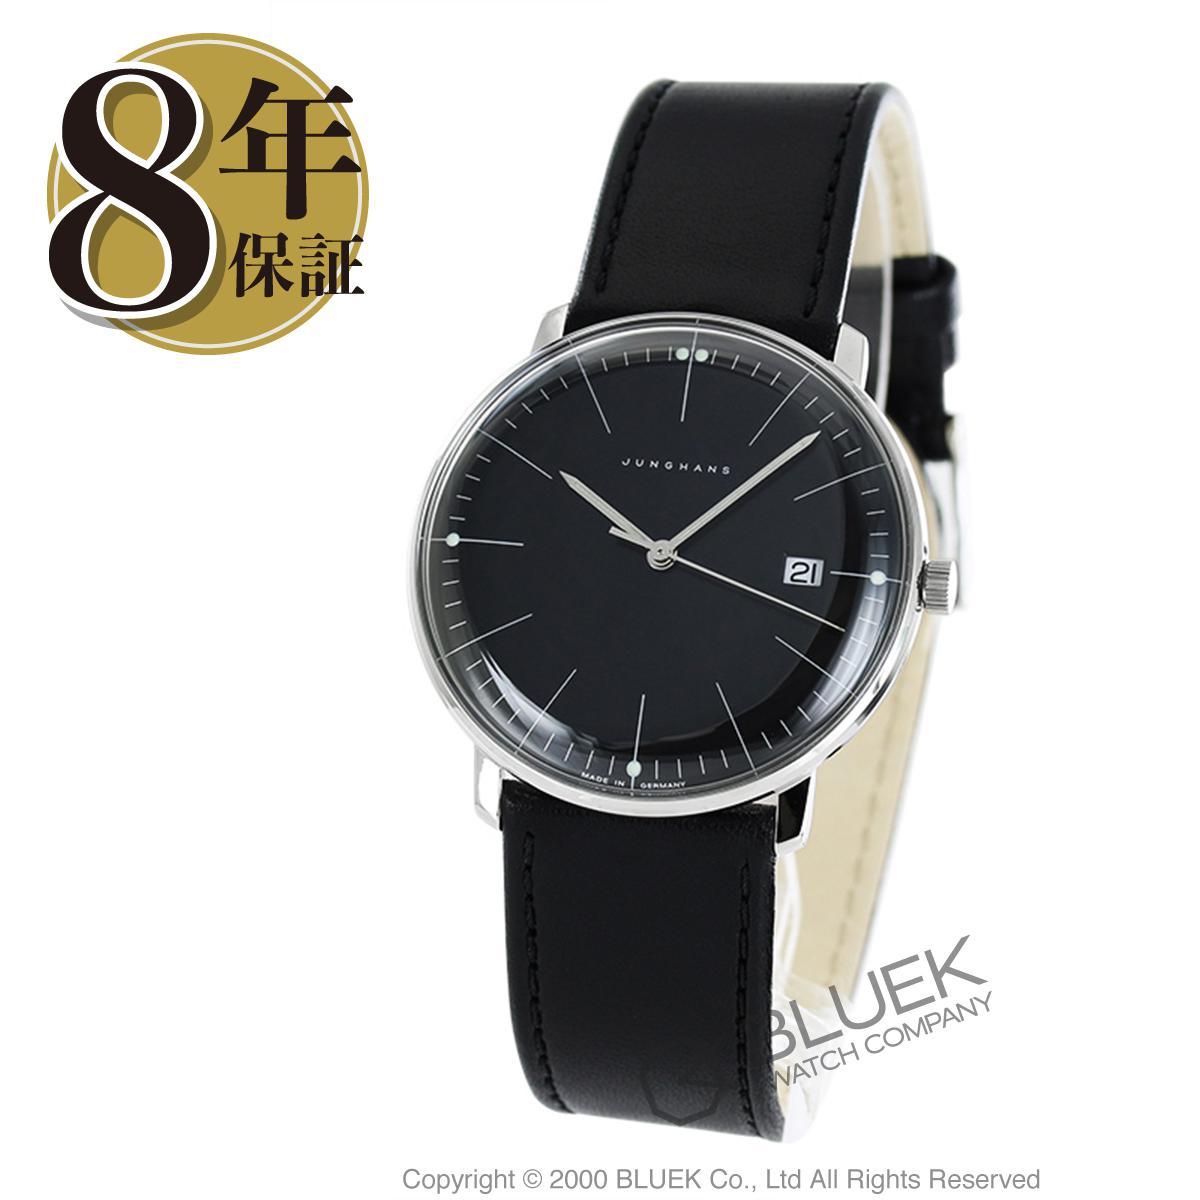 ユンハンス マックスビル 腕時計 メンズ JUNGHANS 041/4465.00_8 バーゲン 成人祝い ギフト プレゼント